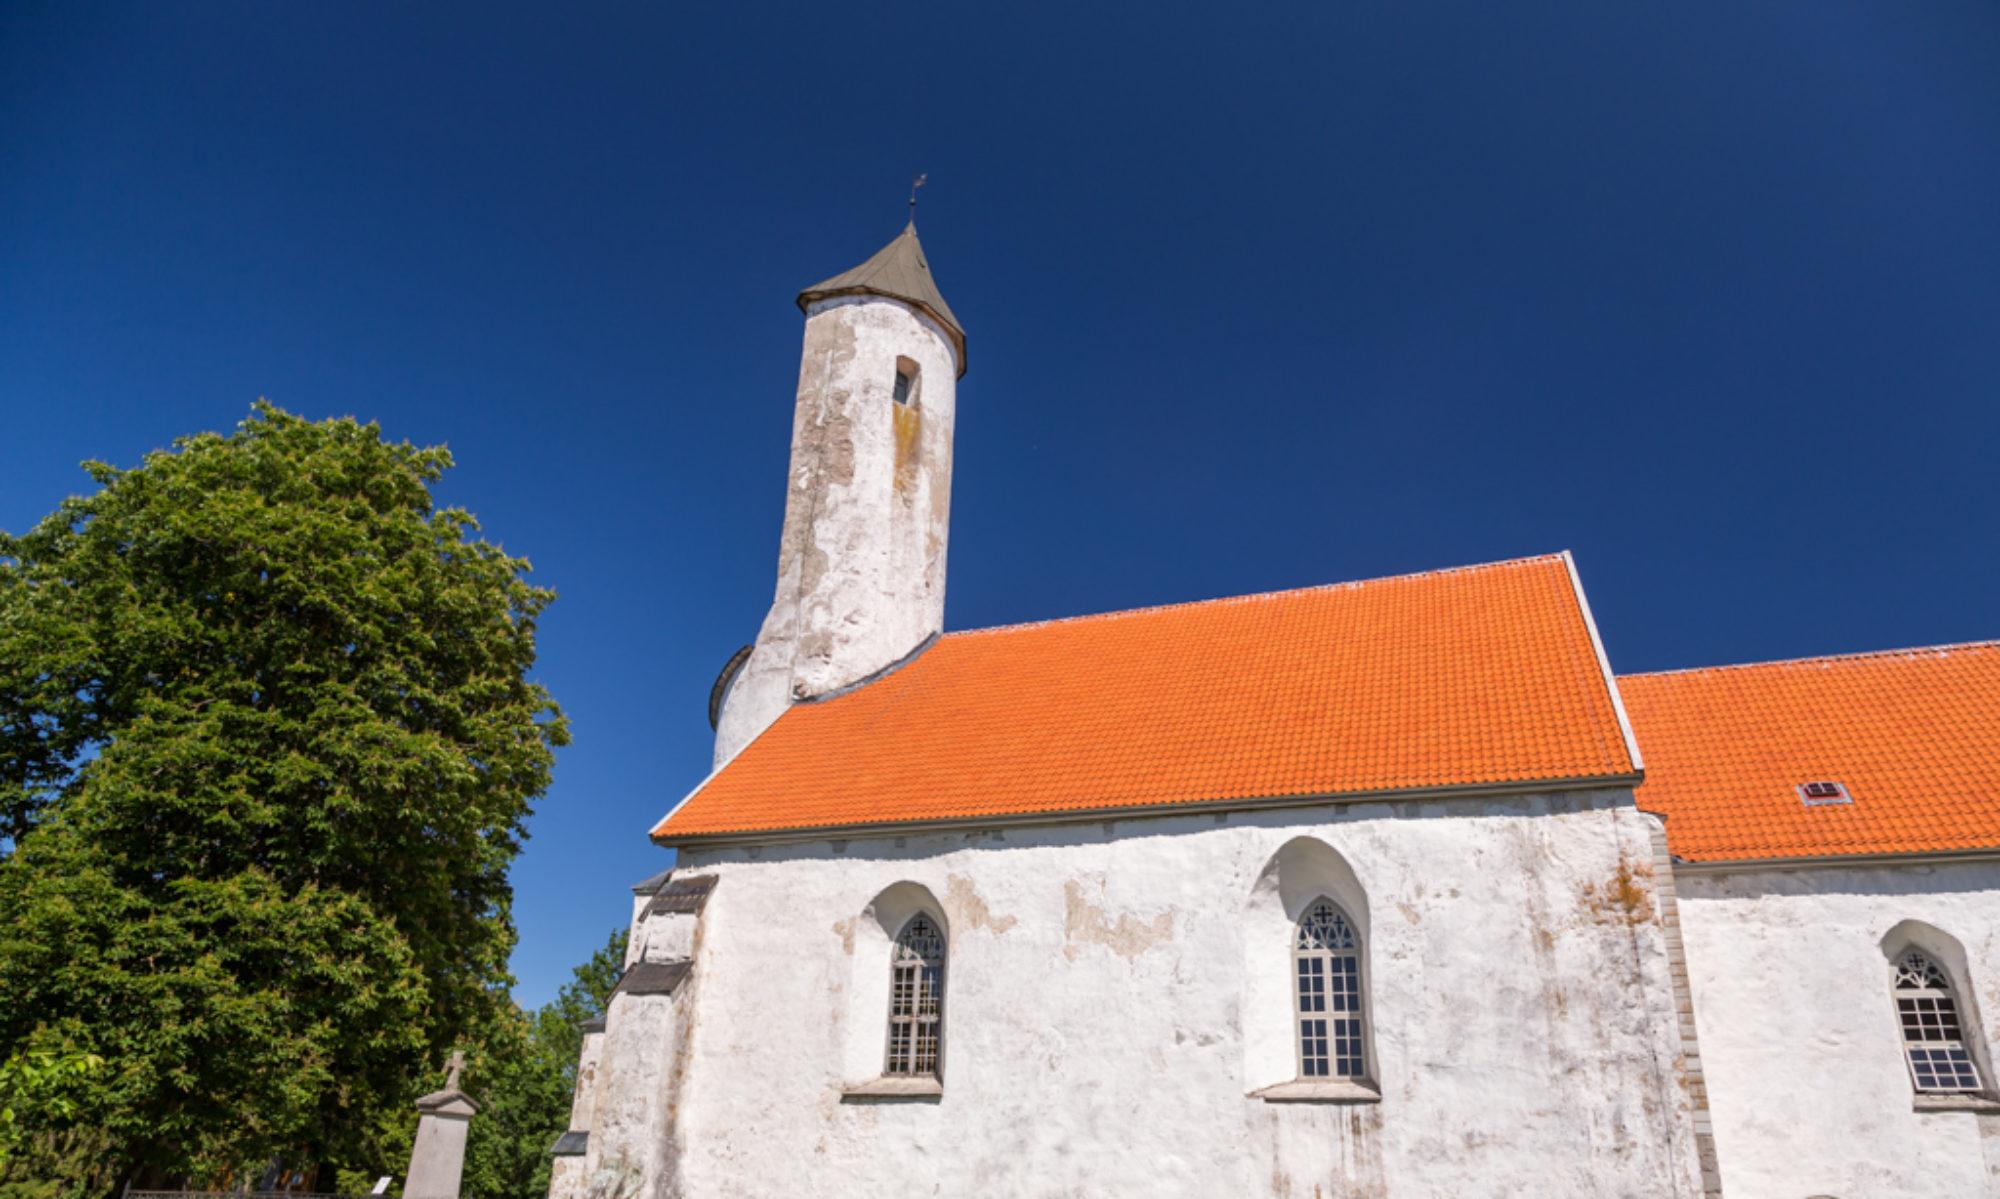 Risti kogudus